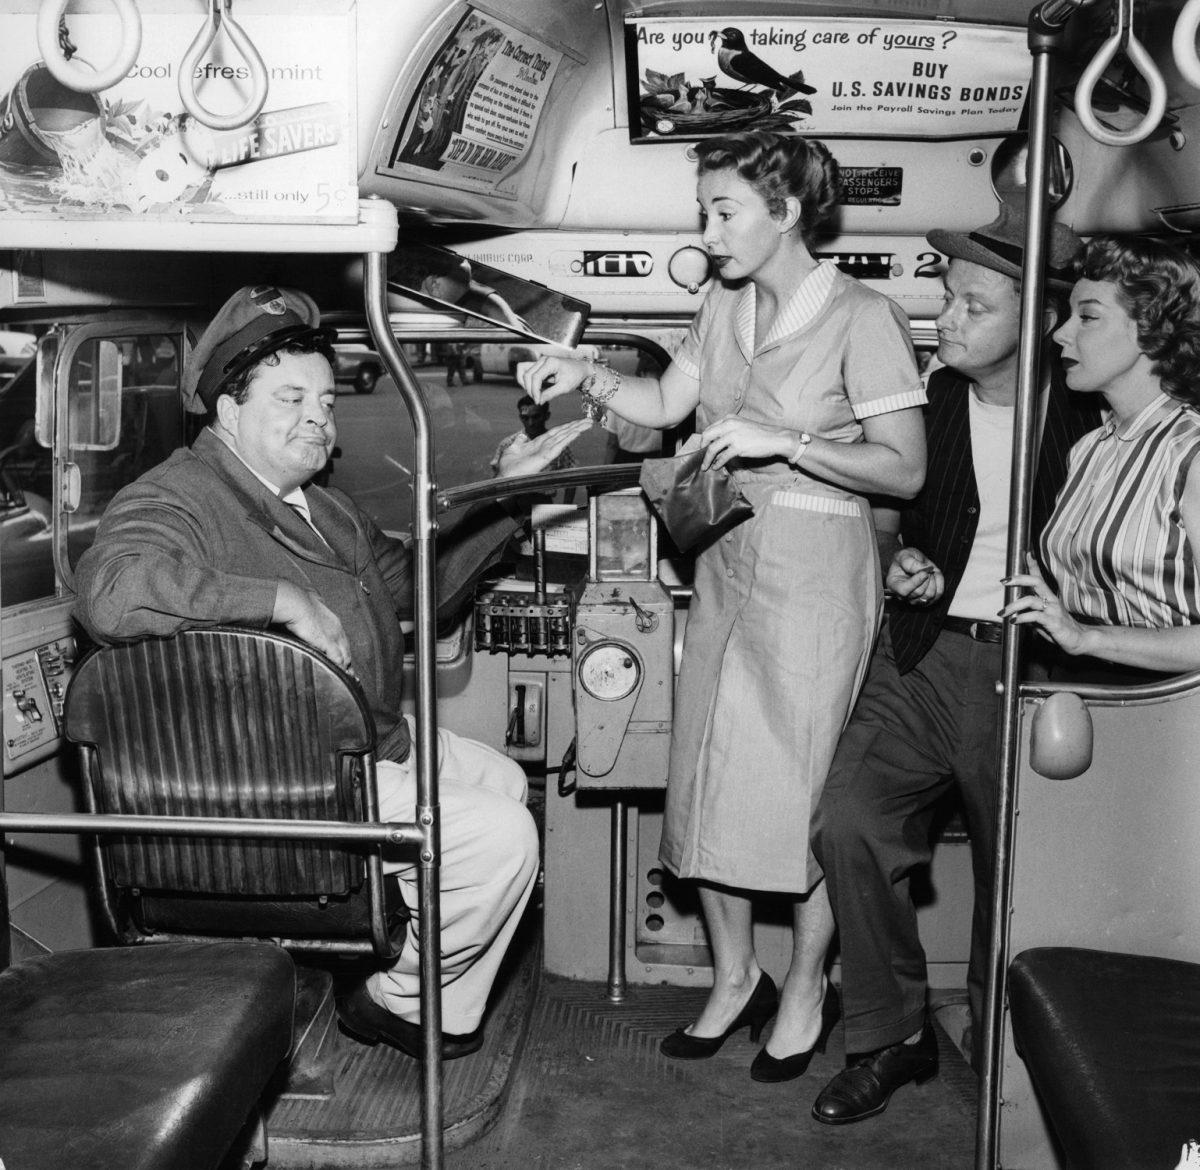 Jackie Gleason, Audrey Meadows, Art Carney et Joyce Randolph dans le bus dans un portrait promotionnel pour 'The Honeymooners'